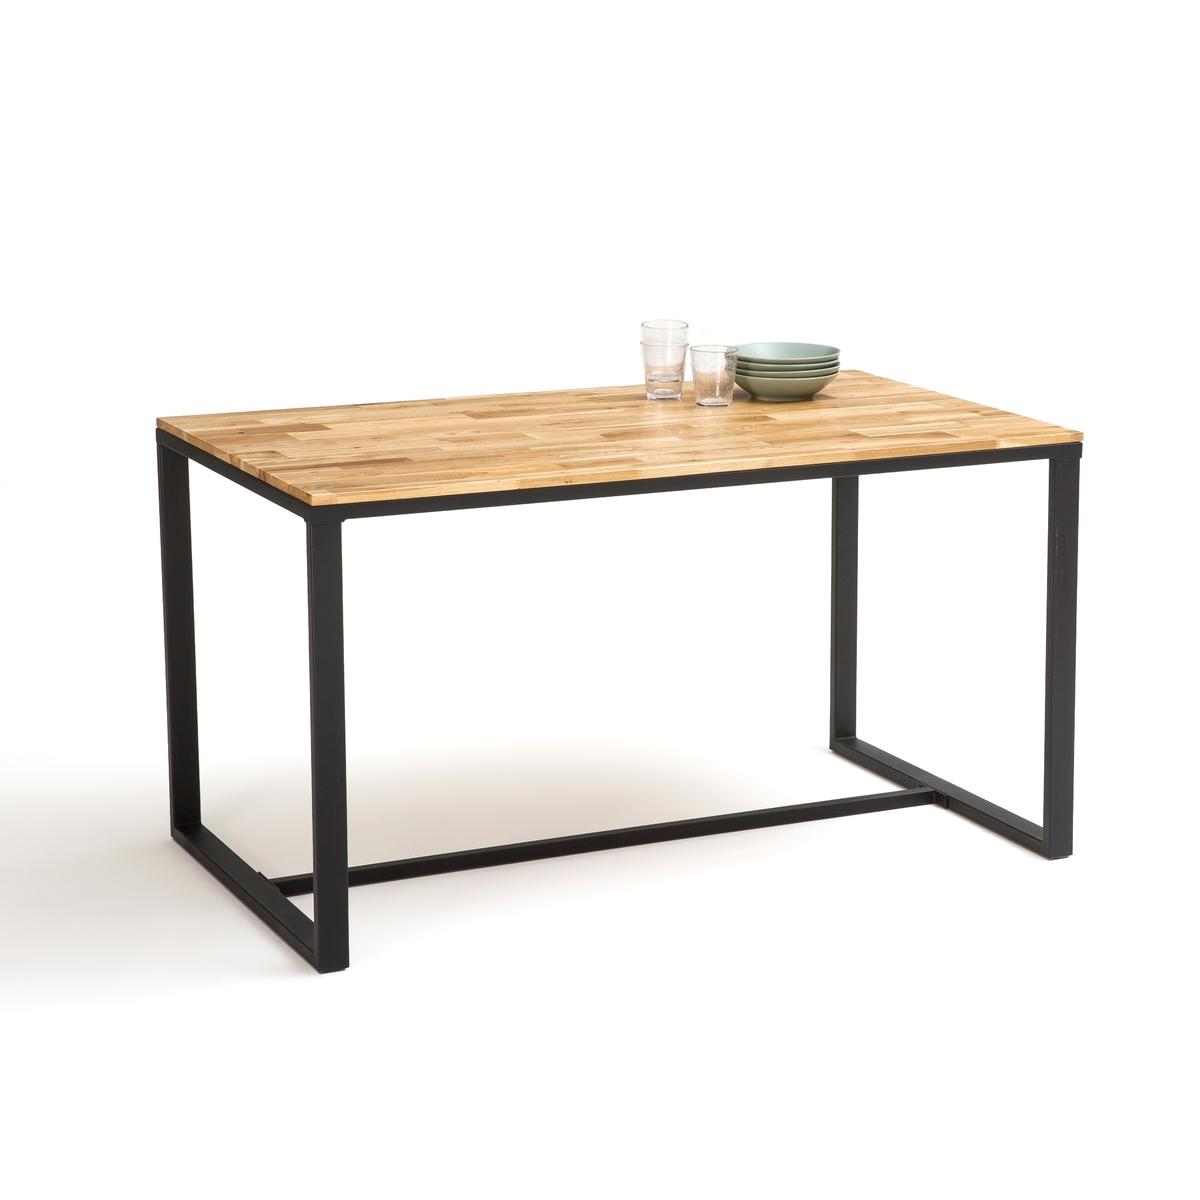 Стол La Redoute Для кухни приборов из дуба и стали Hiba 6 персоны бежевый стол la redoute с инкрустацией на персон mosaque 6 персоны бежевый